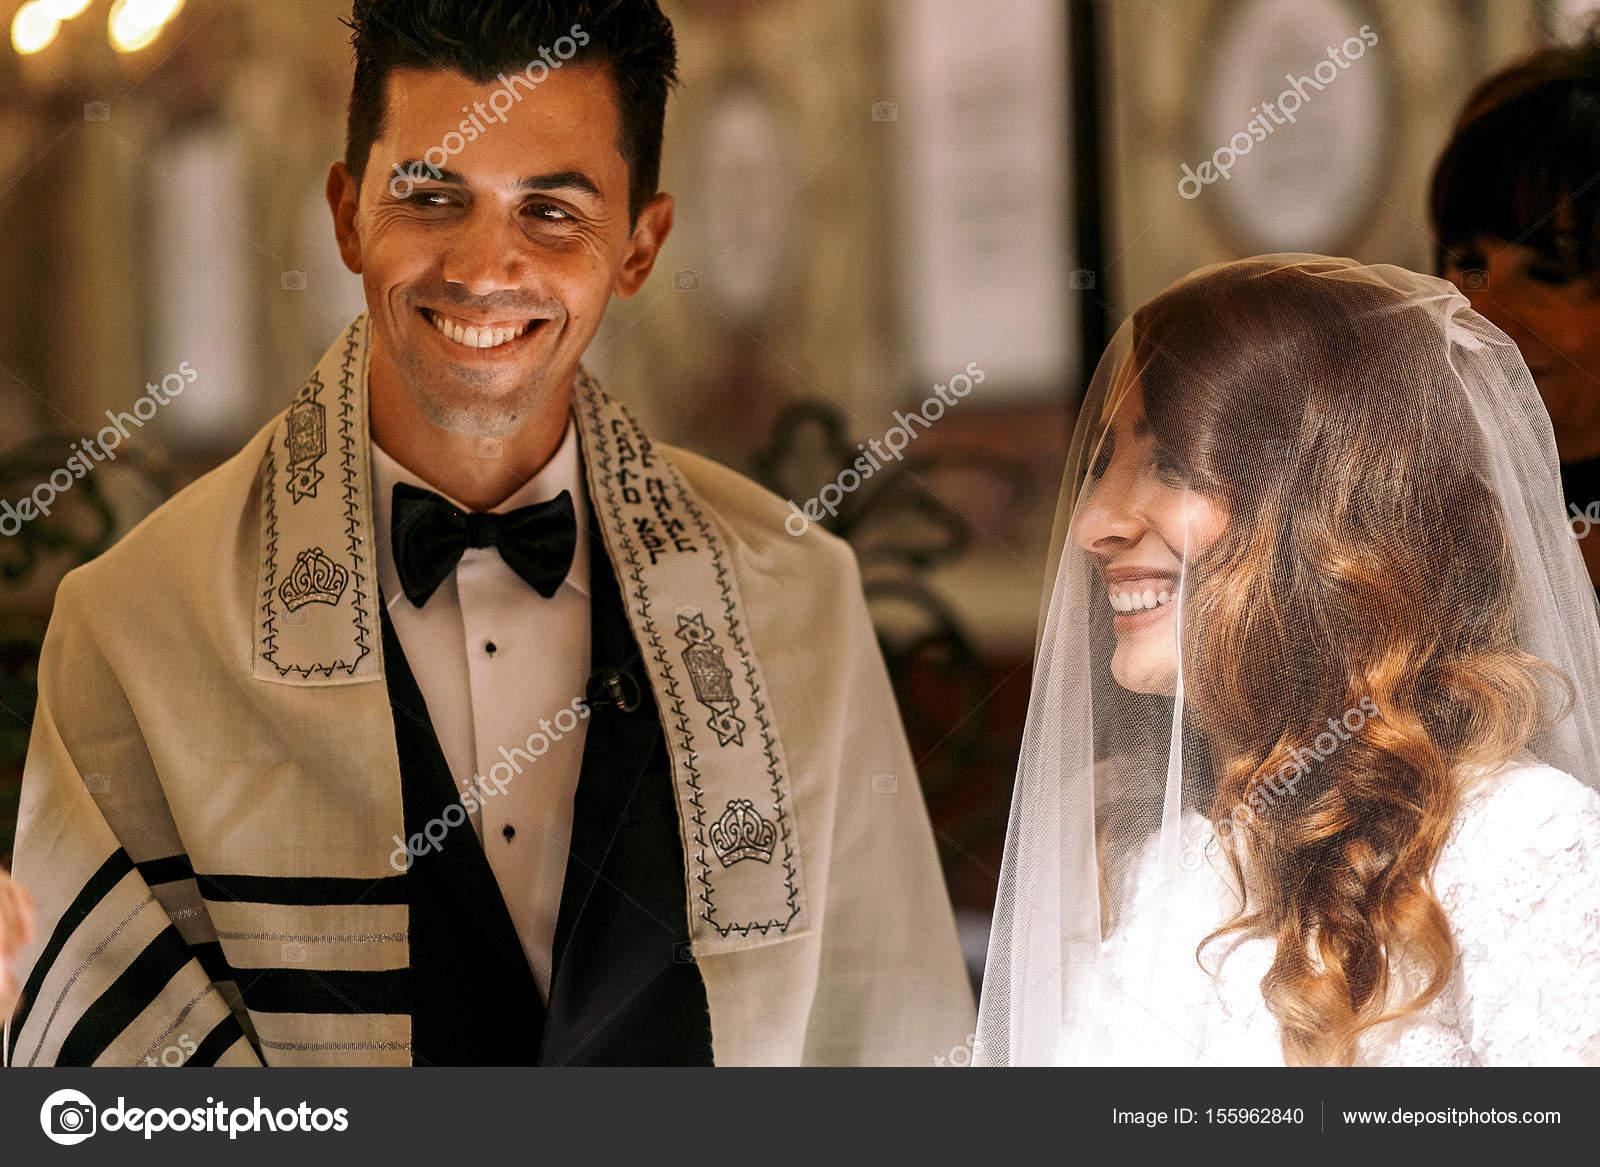 Judische Hochzeit Schone Braut Schaut Brautigam Stockfoto C Ivash